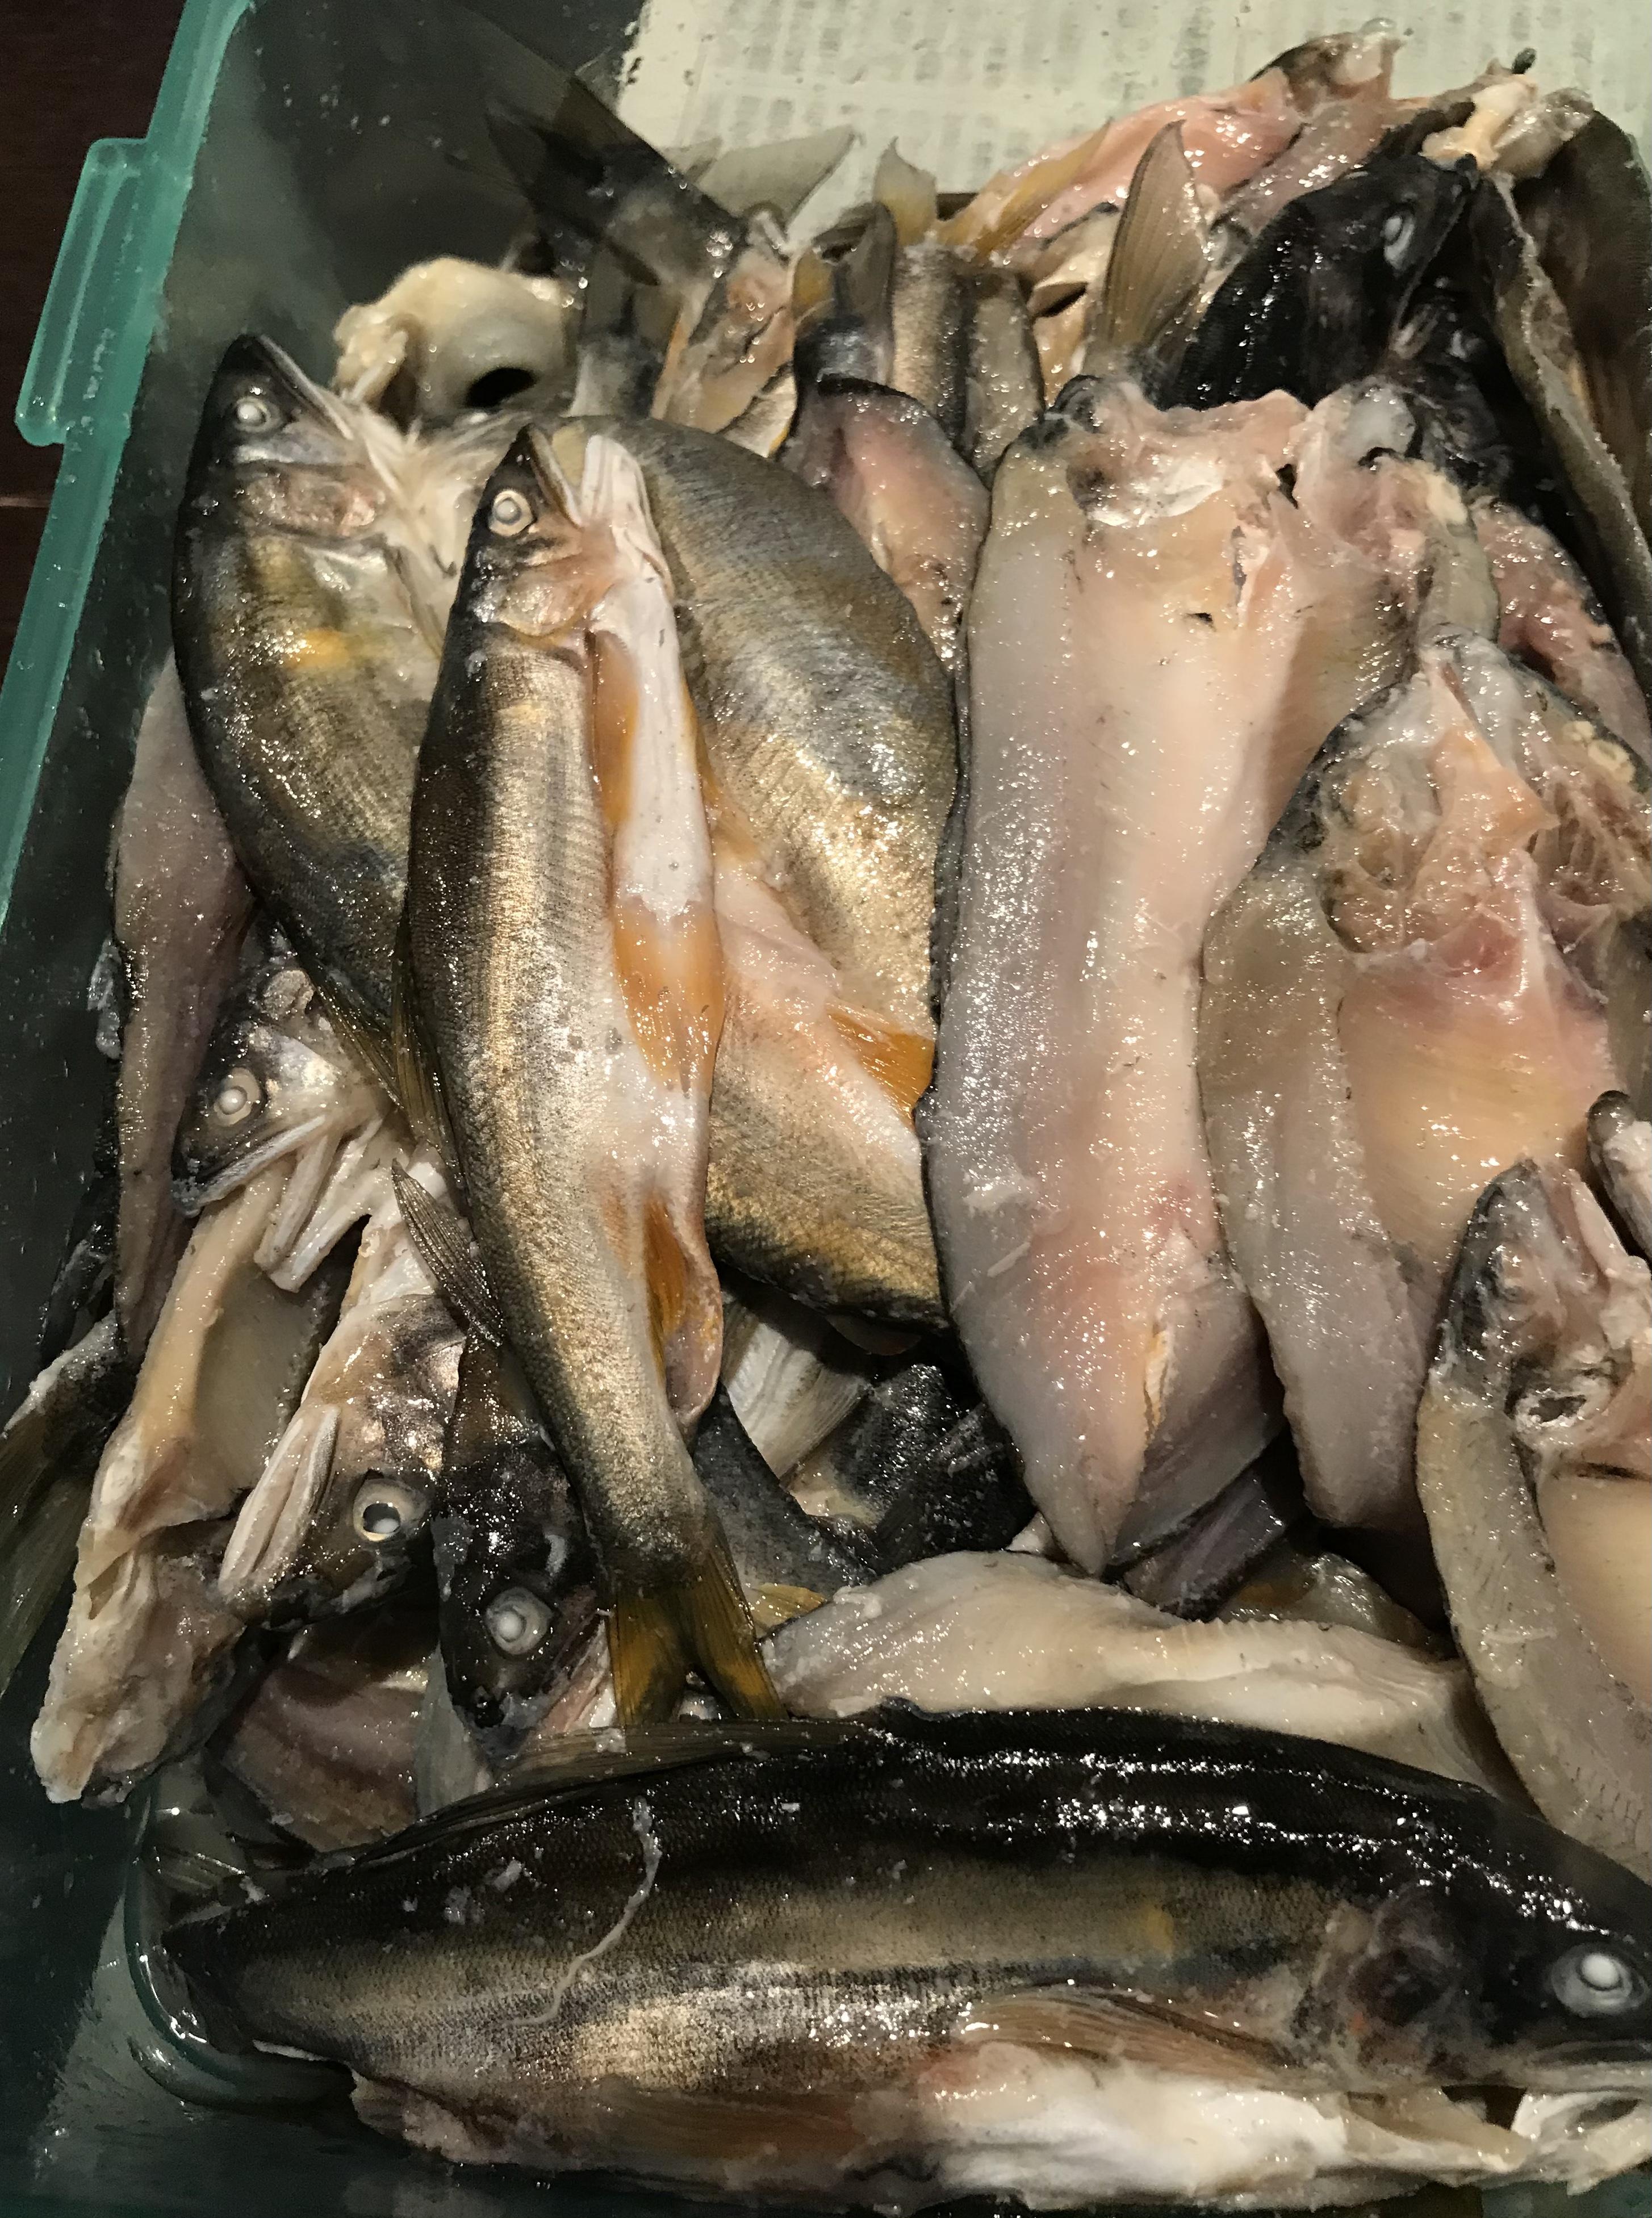 鮎調理情報、漁期終了のお知らせ